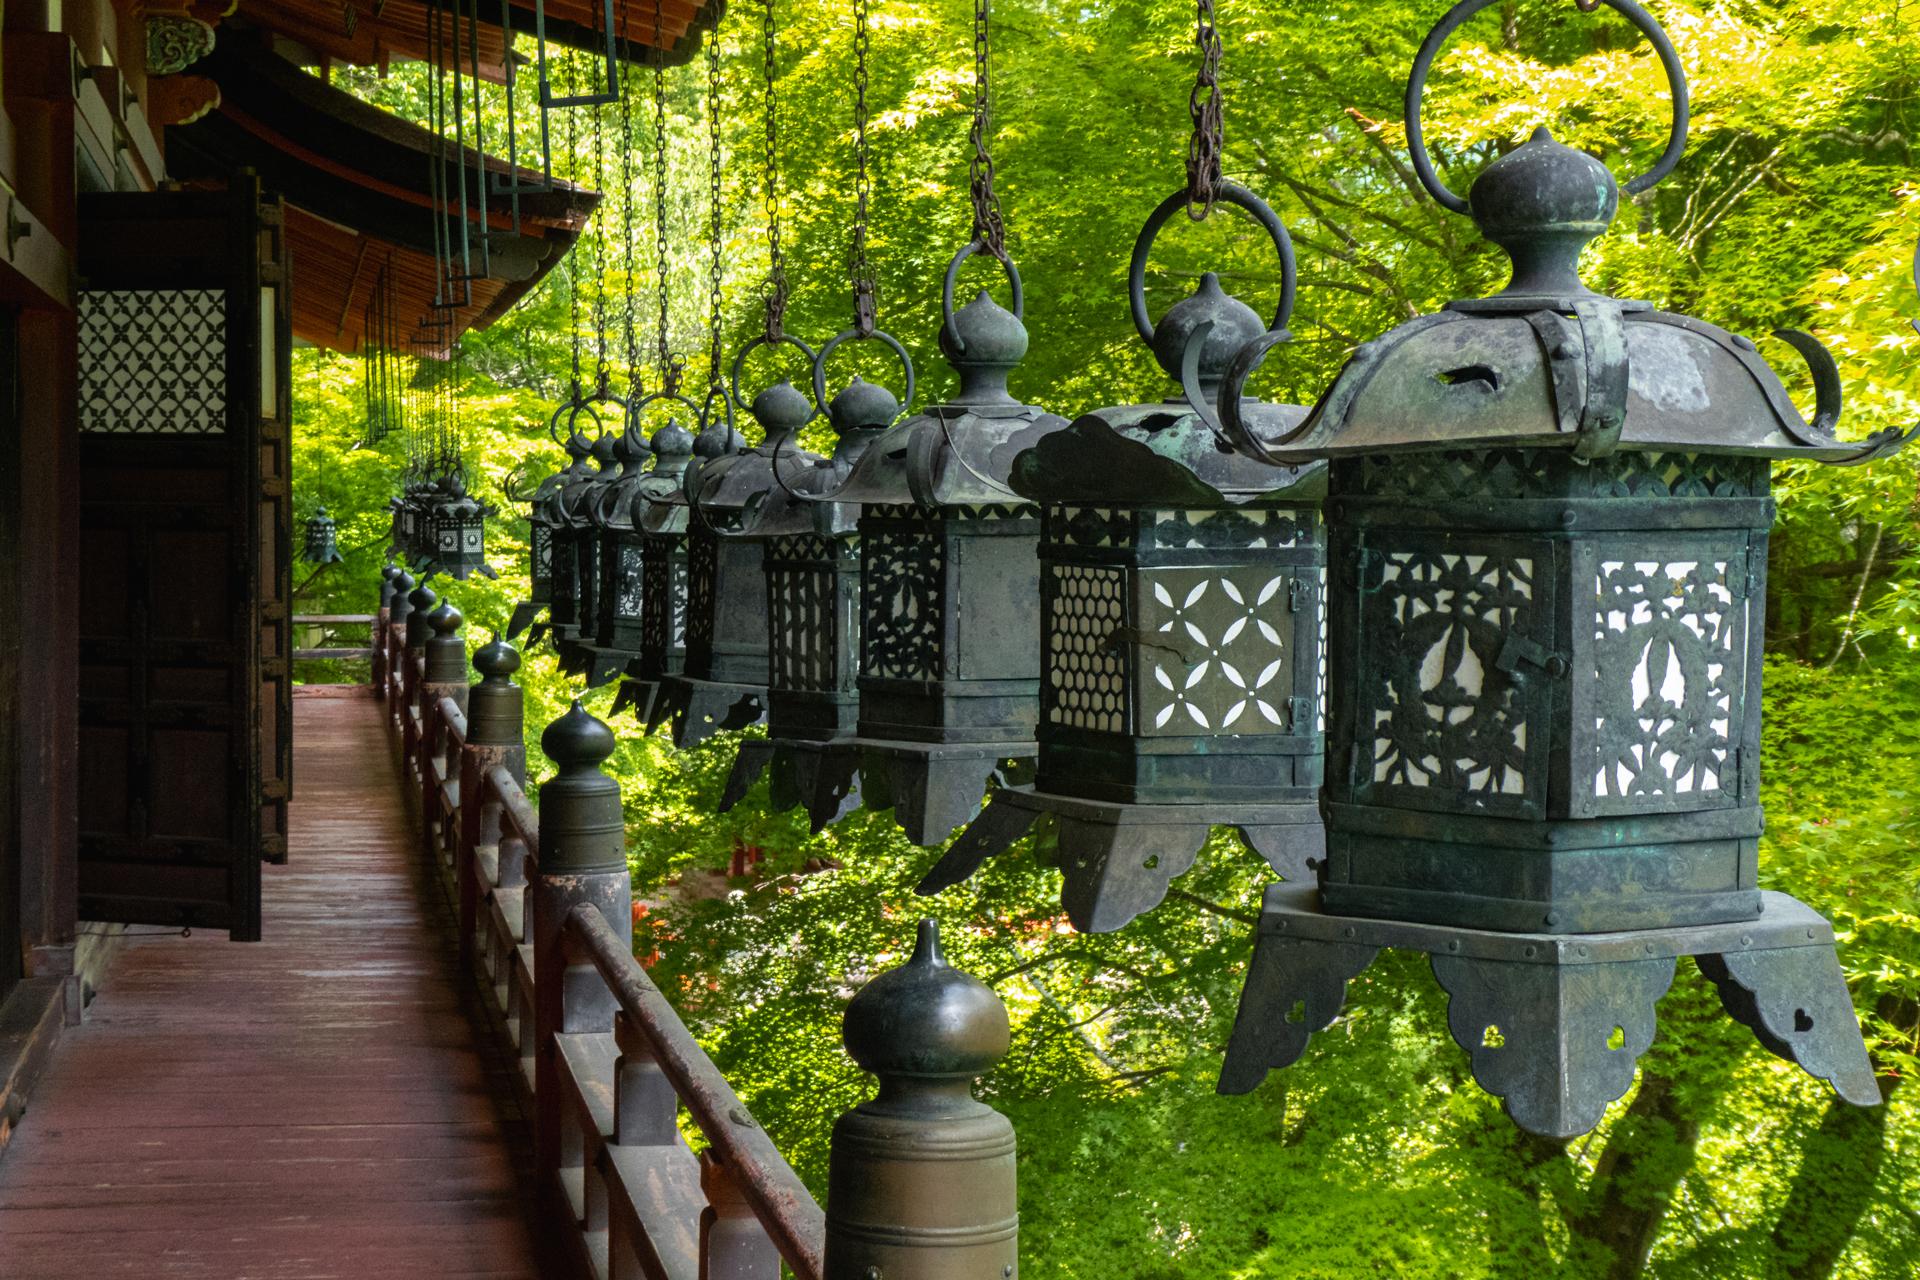 P1001172 奈良県  談山神社(あじさいと新緑の景色が美しい初夏におすすめのスポット! 写真の紹介、アクセス情報や駐車場情報など)